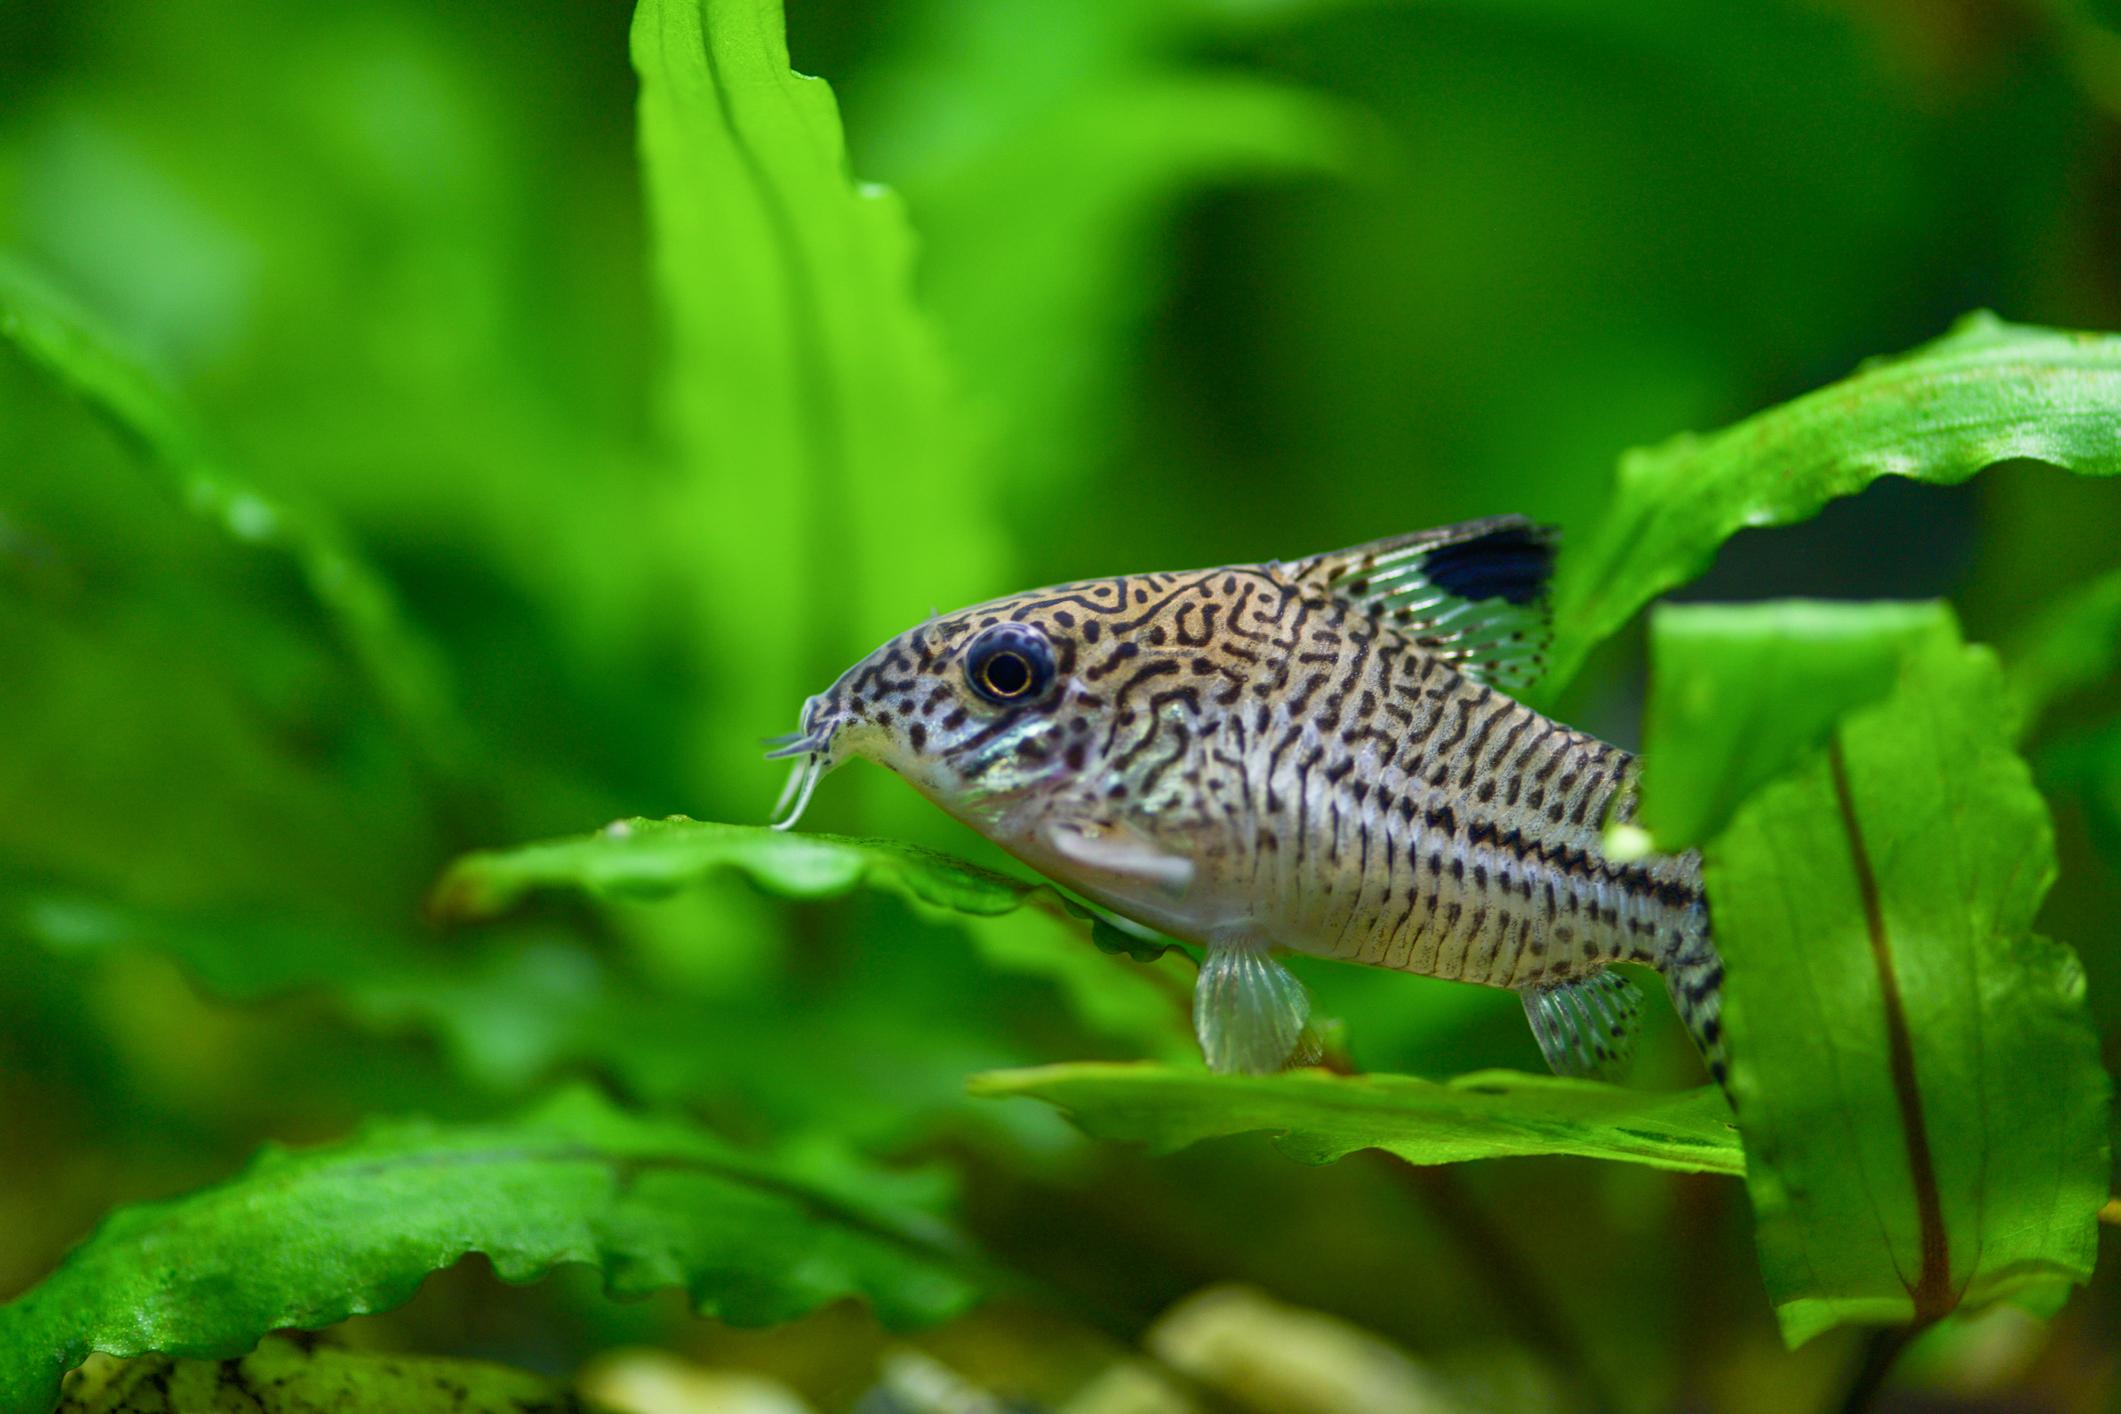 Fish sitting on a leaf in an aquarium